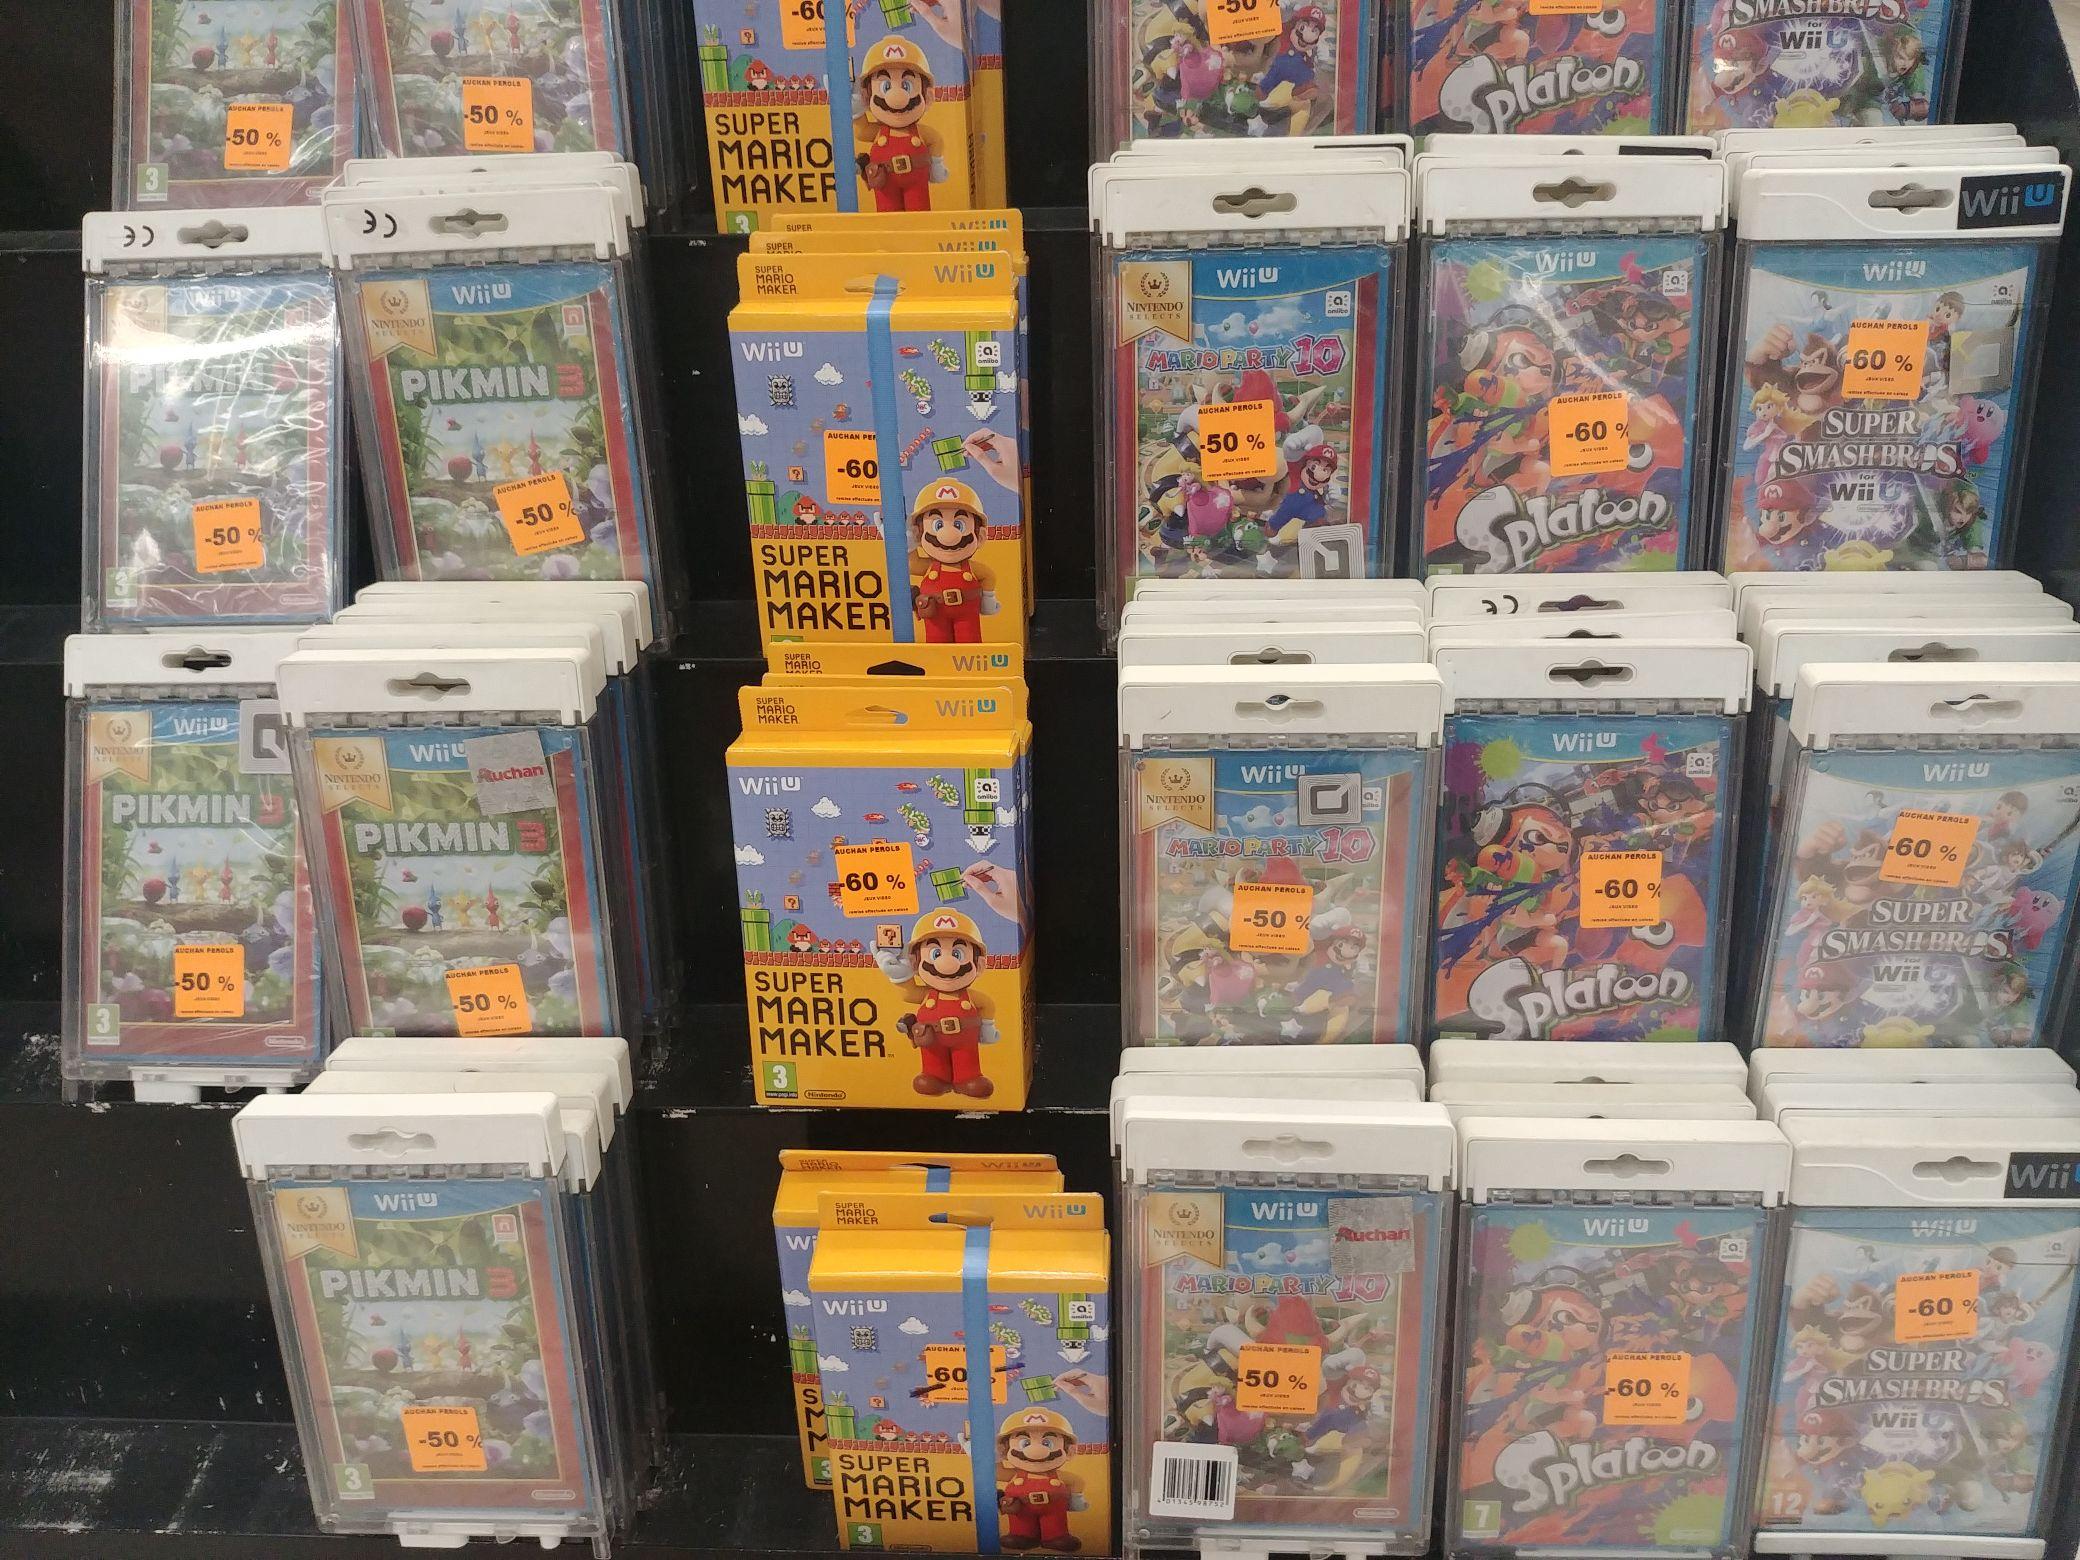 Jusqu'à -60% sur une sélection de Jeux sur Nintendo Wii U - Perols (34)